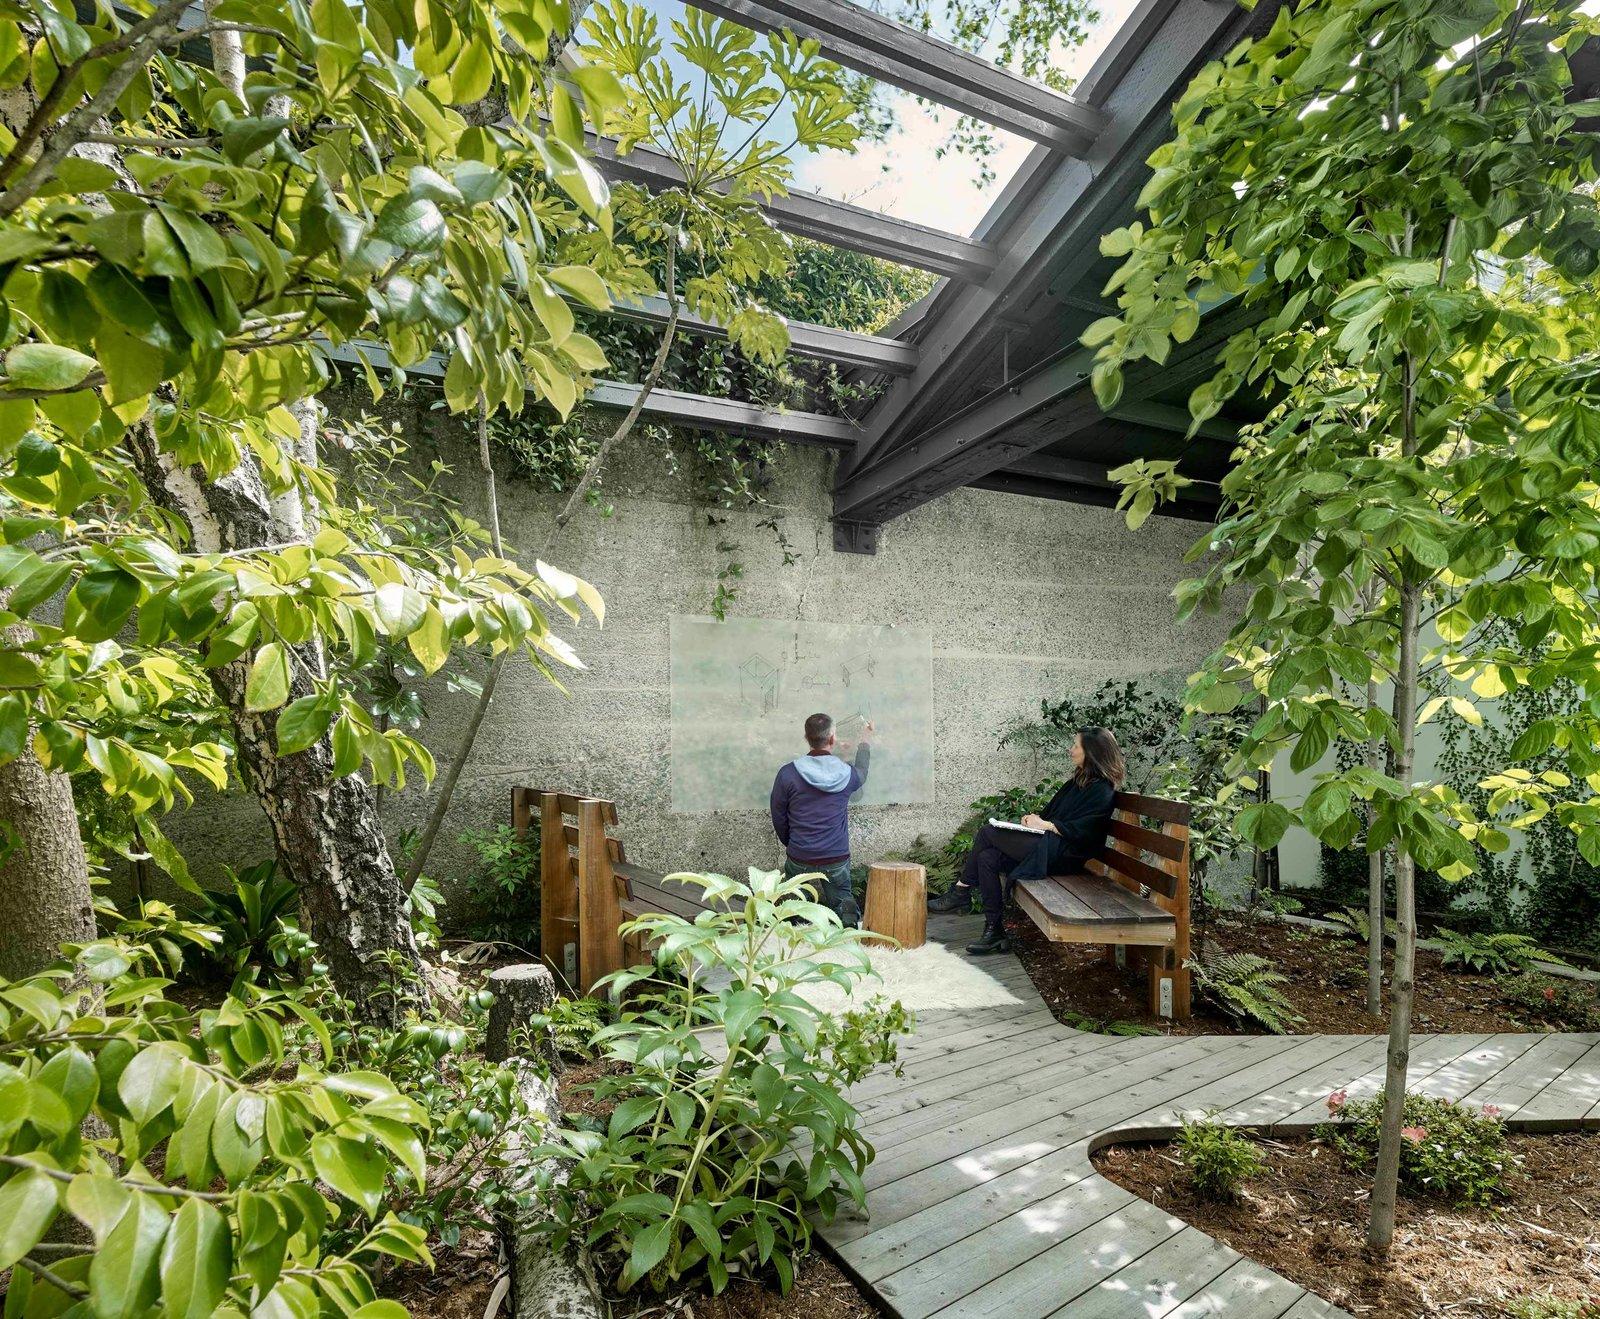 Humangear by SCULPT Gardens